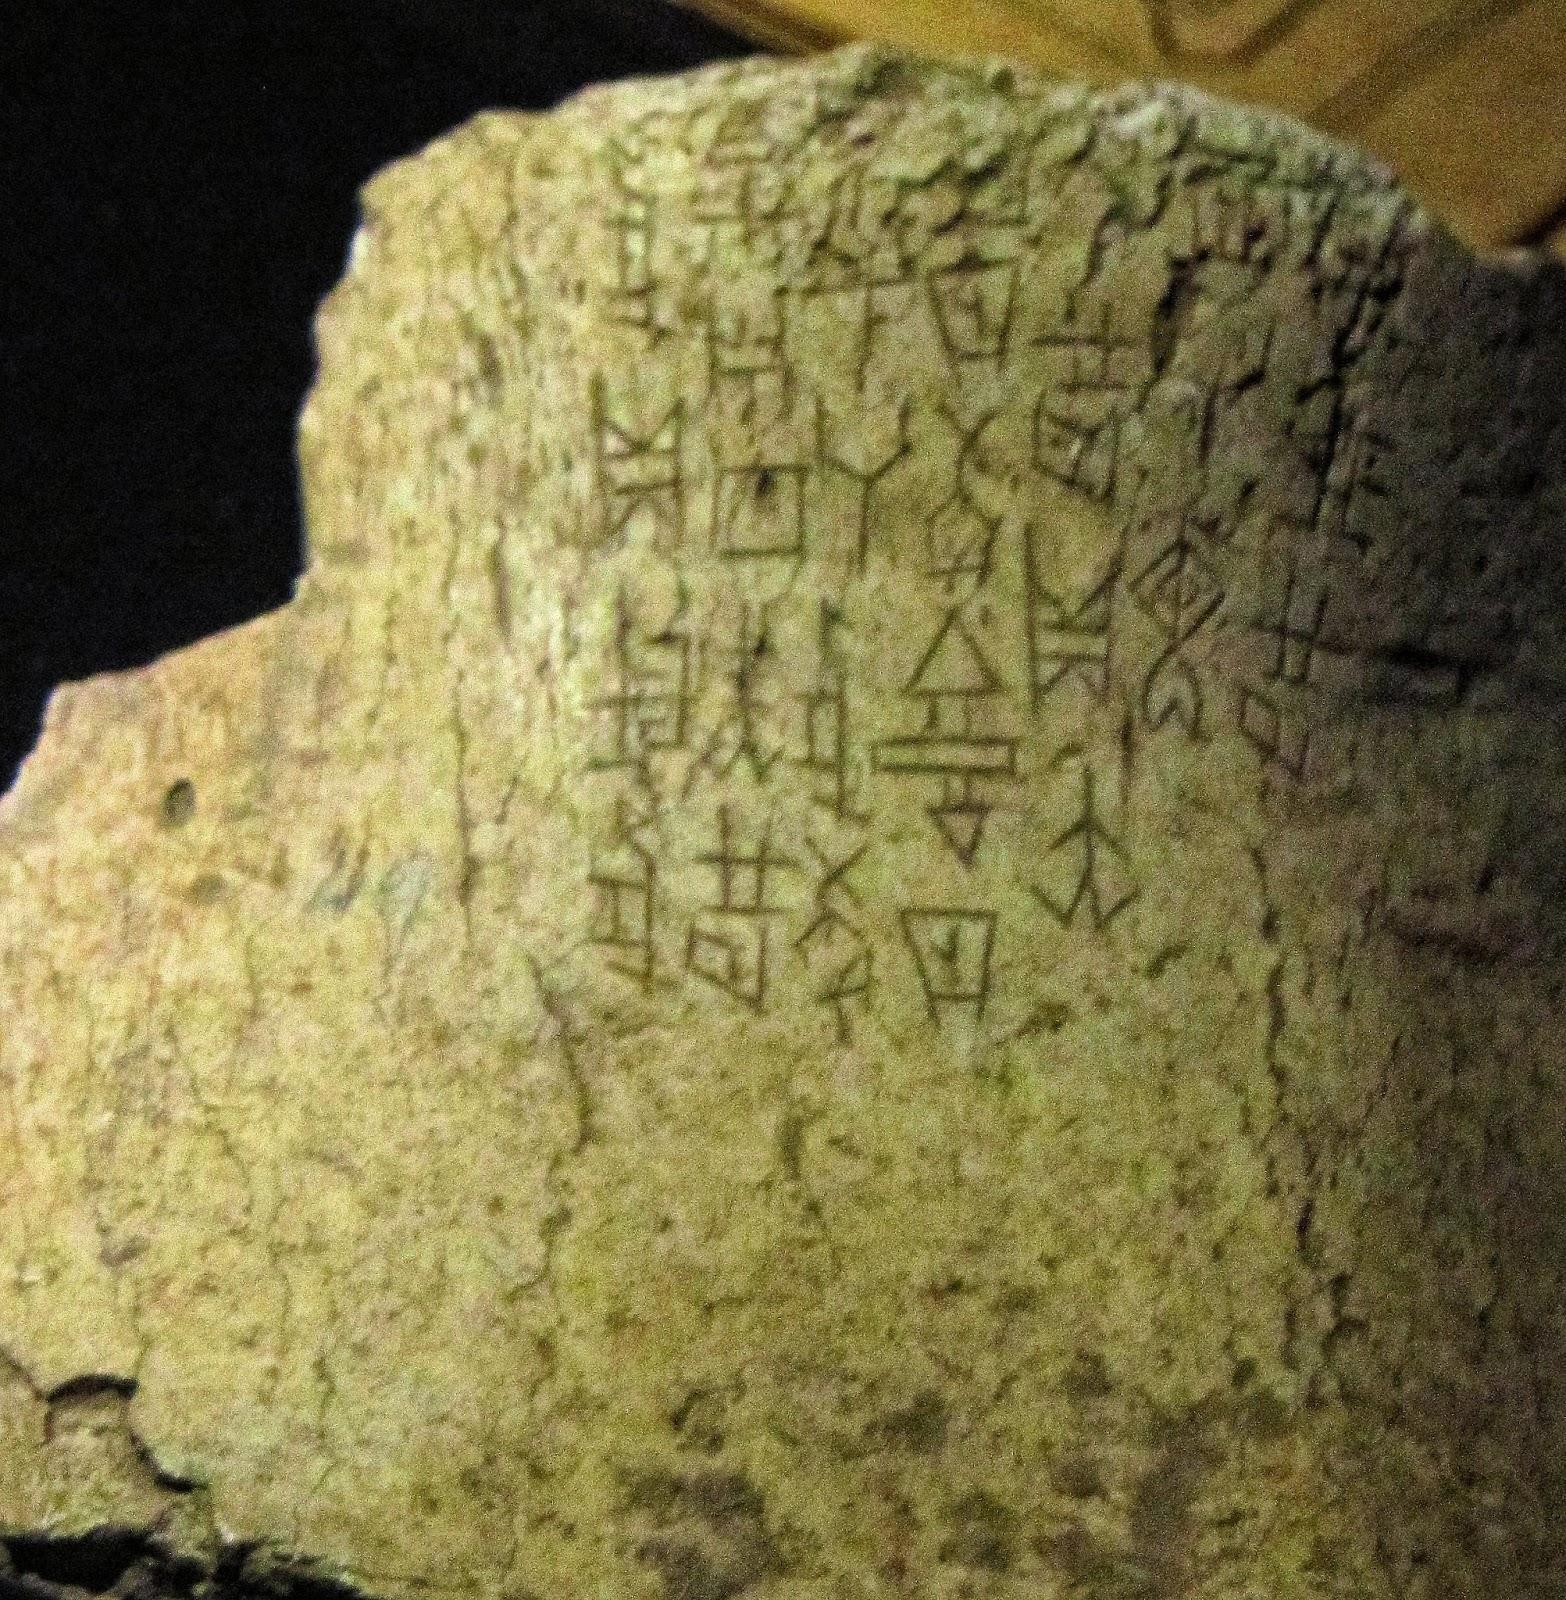 Fragmento de um osso usado como oráculo por xamãs na China antiga